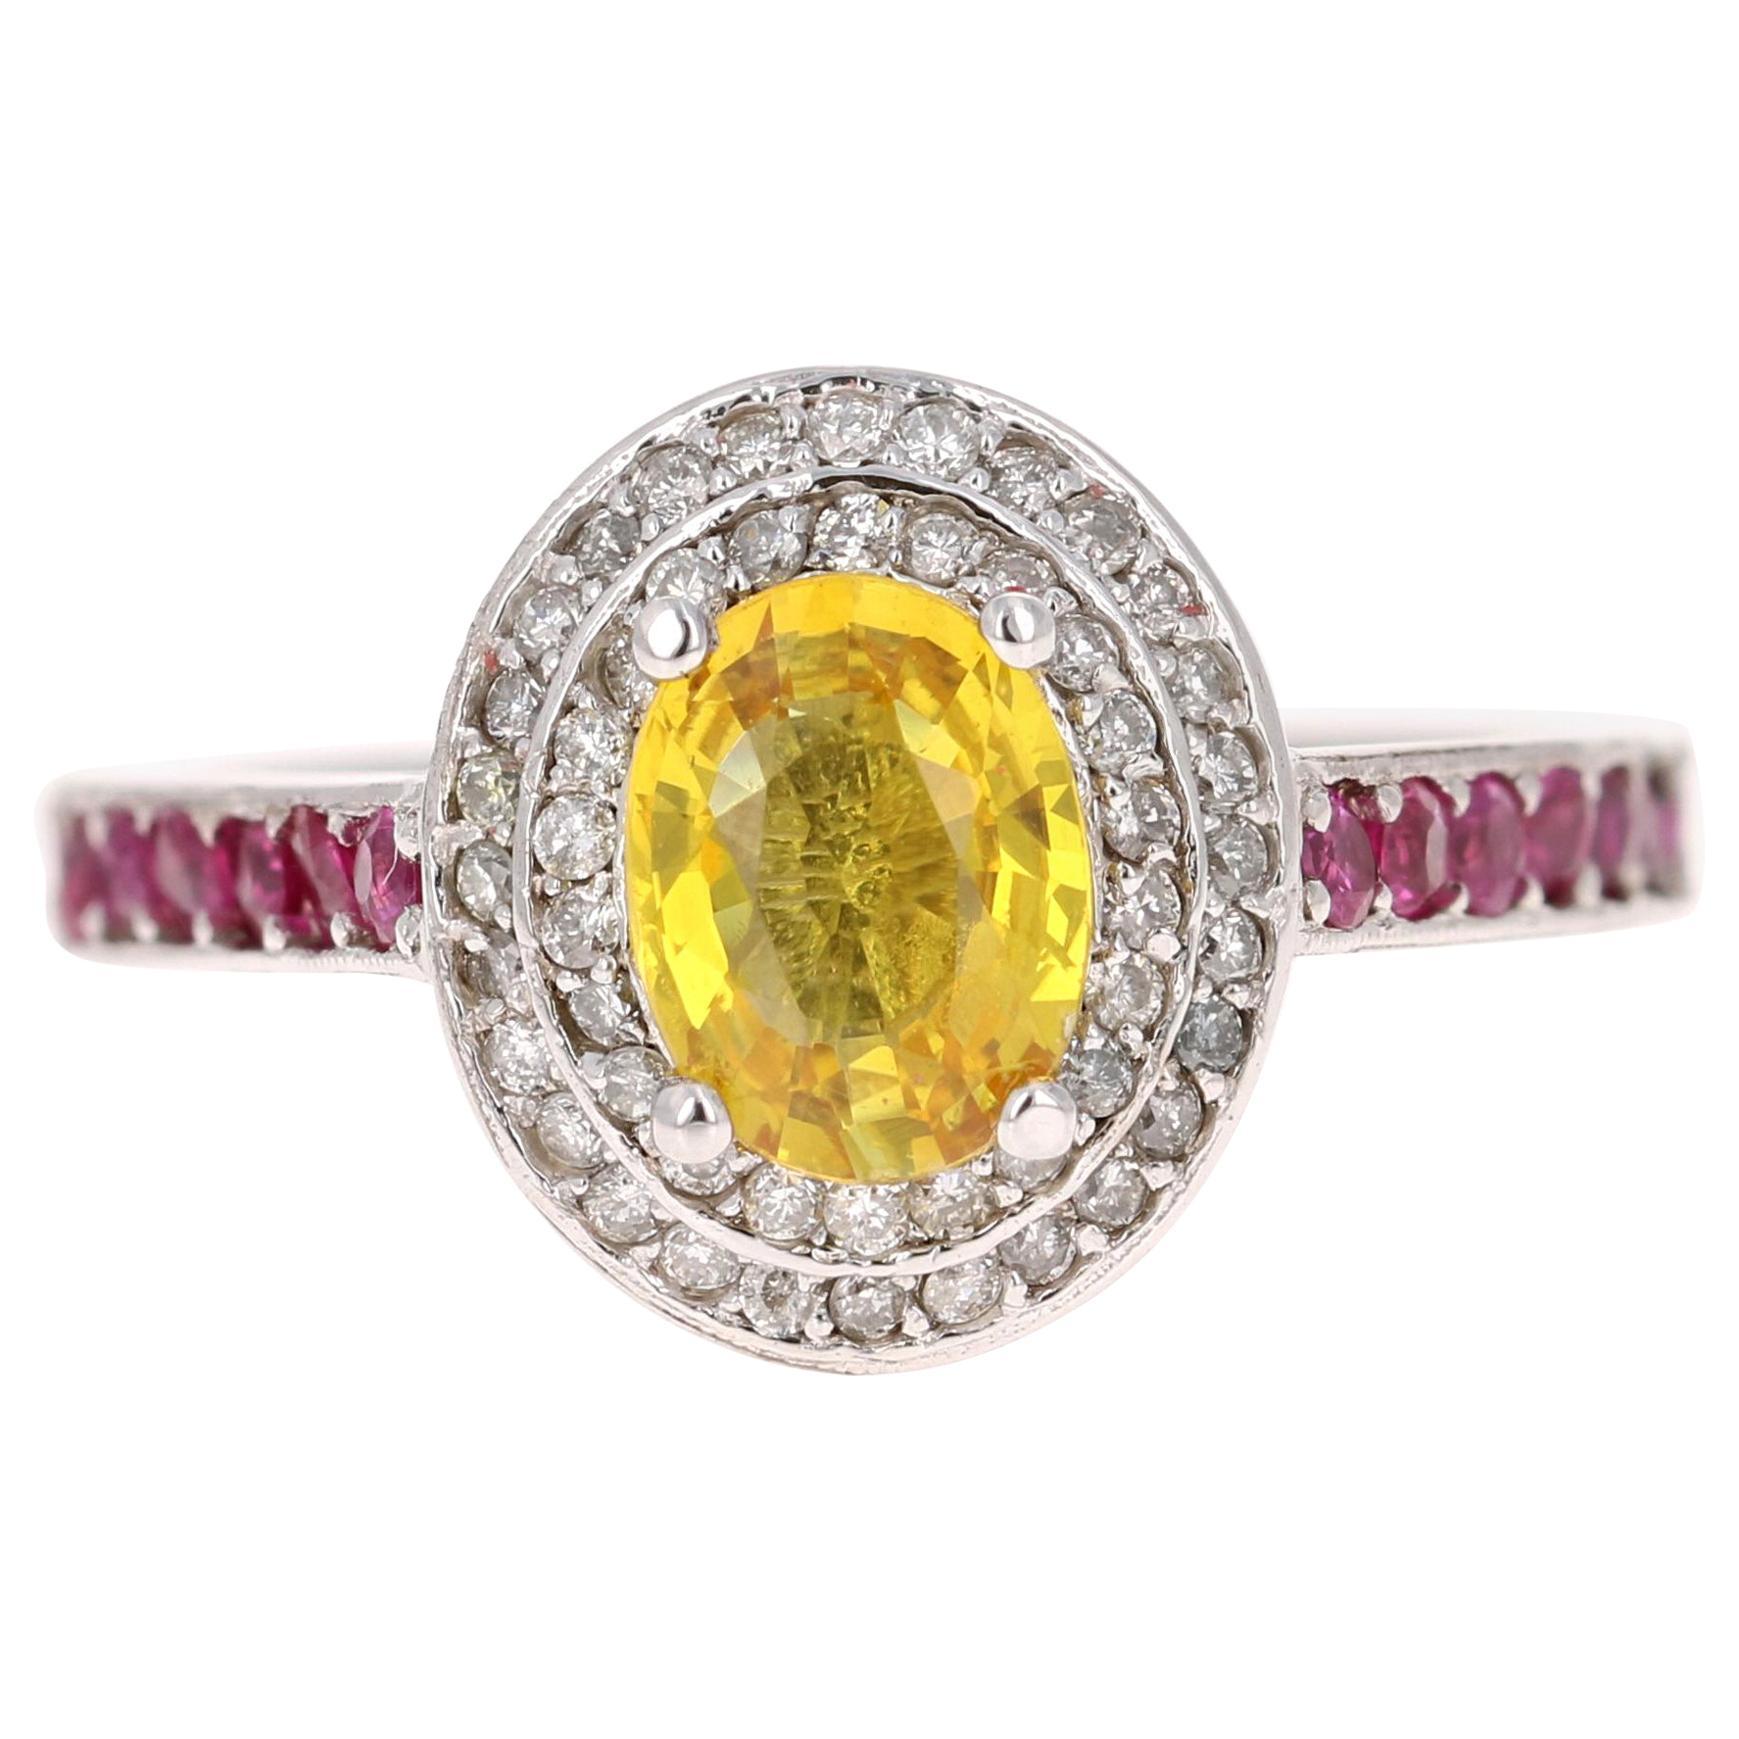 1.87 Carat Yellow Pink Sapphire Diamond 14 Karat White Gold Ring